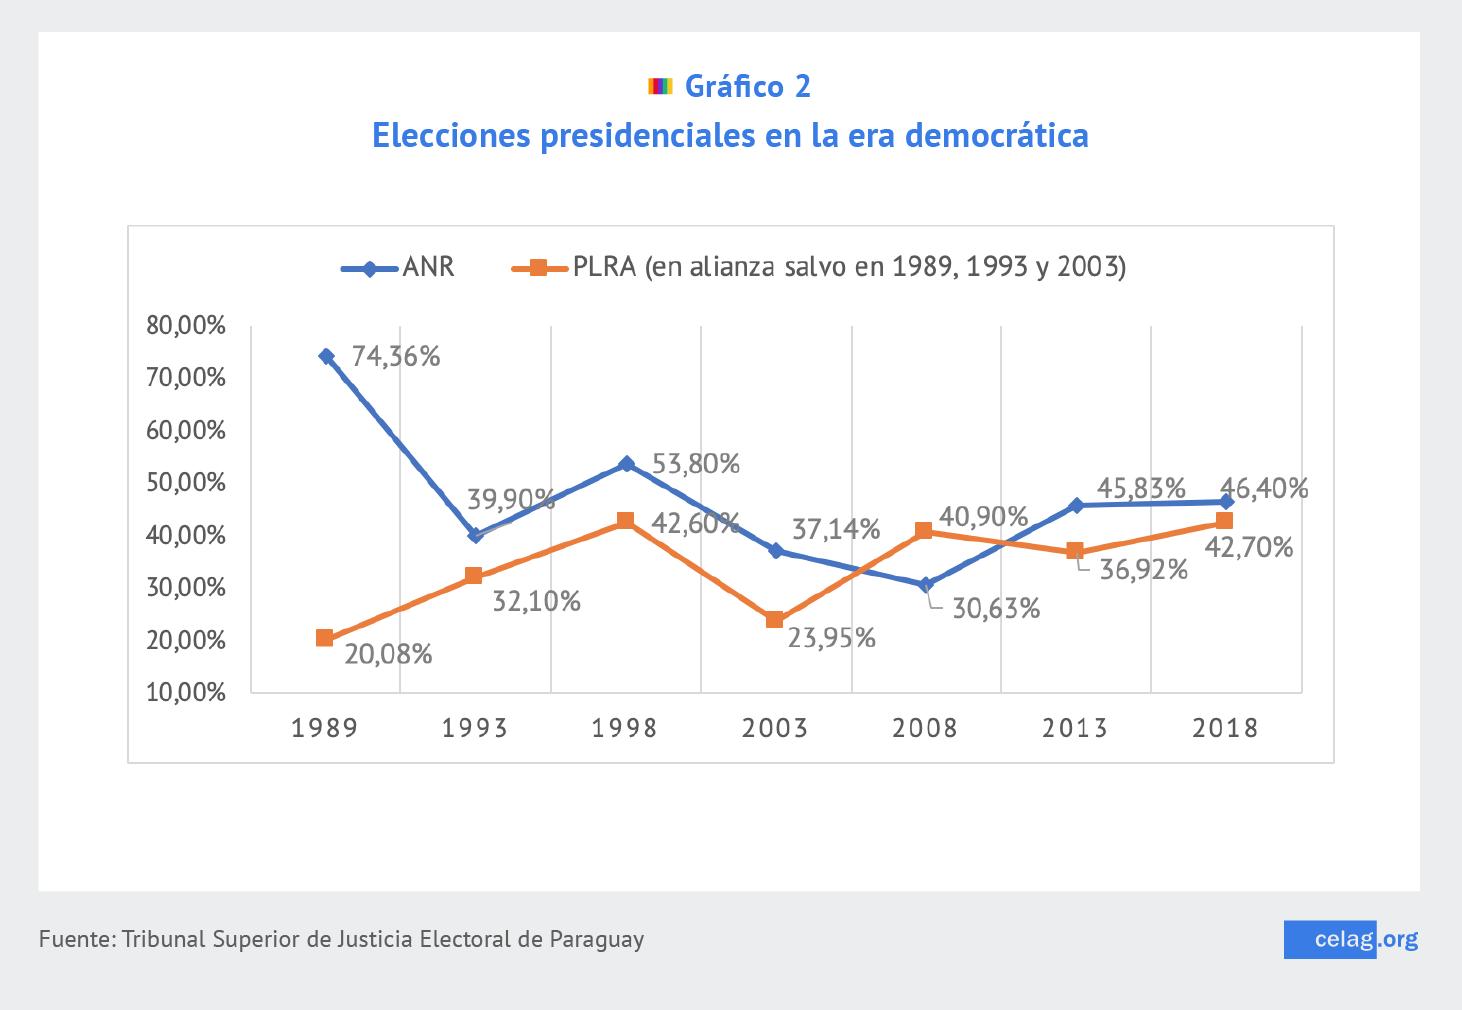 Elecciones presidenciales en la era democrática